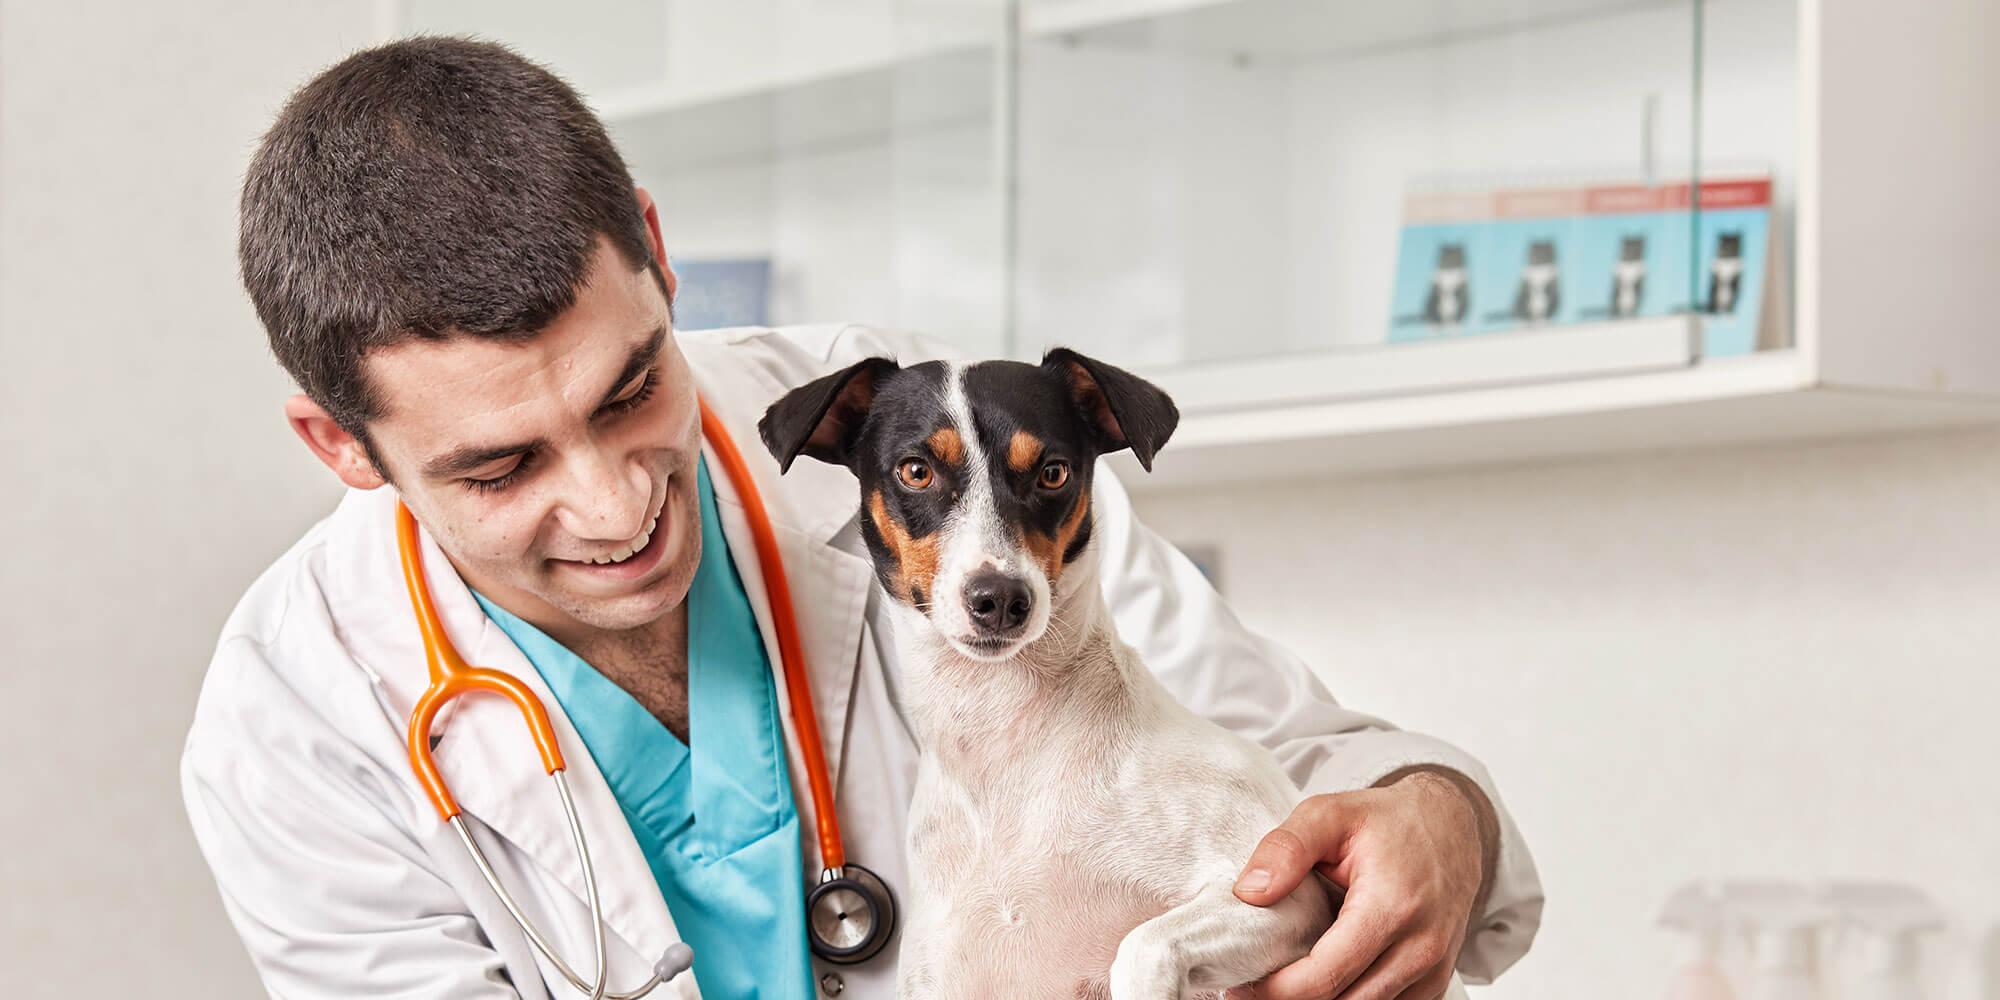 gastroenteritis hemorragica en perros es mortal